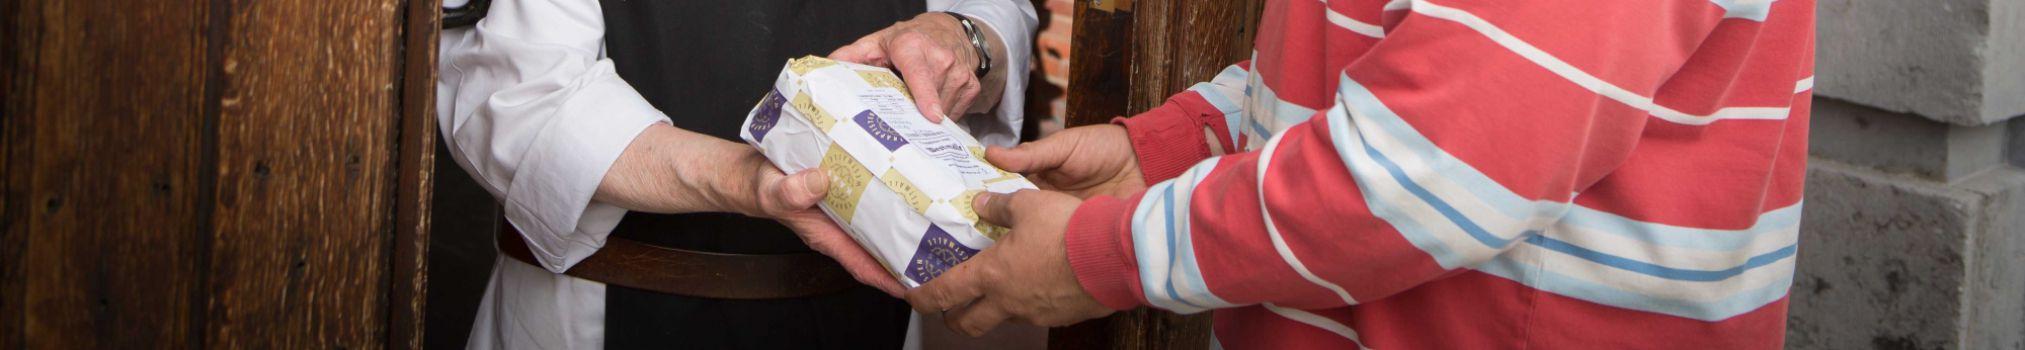 À la porte de l'abbaye, un frère vend un bloc de fromage trappiste